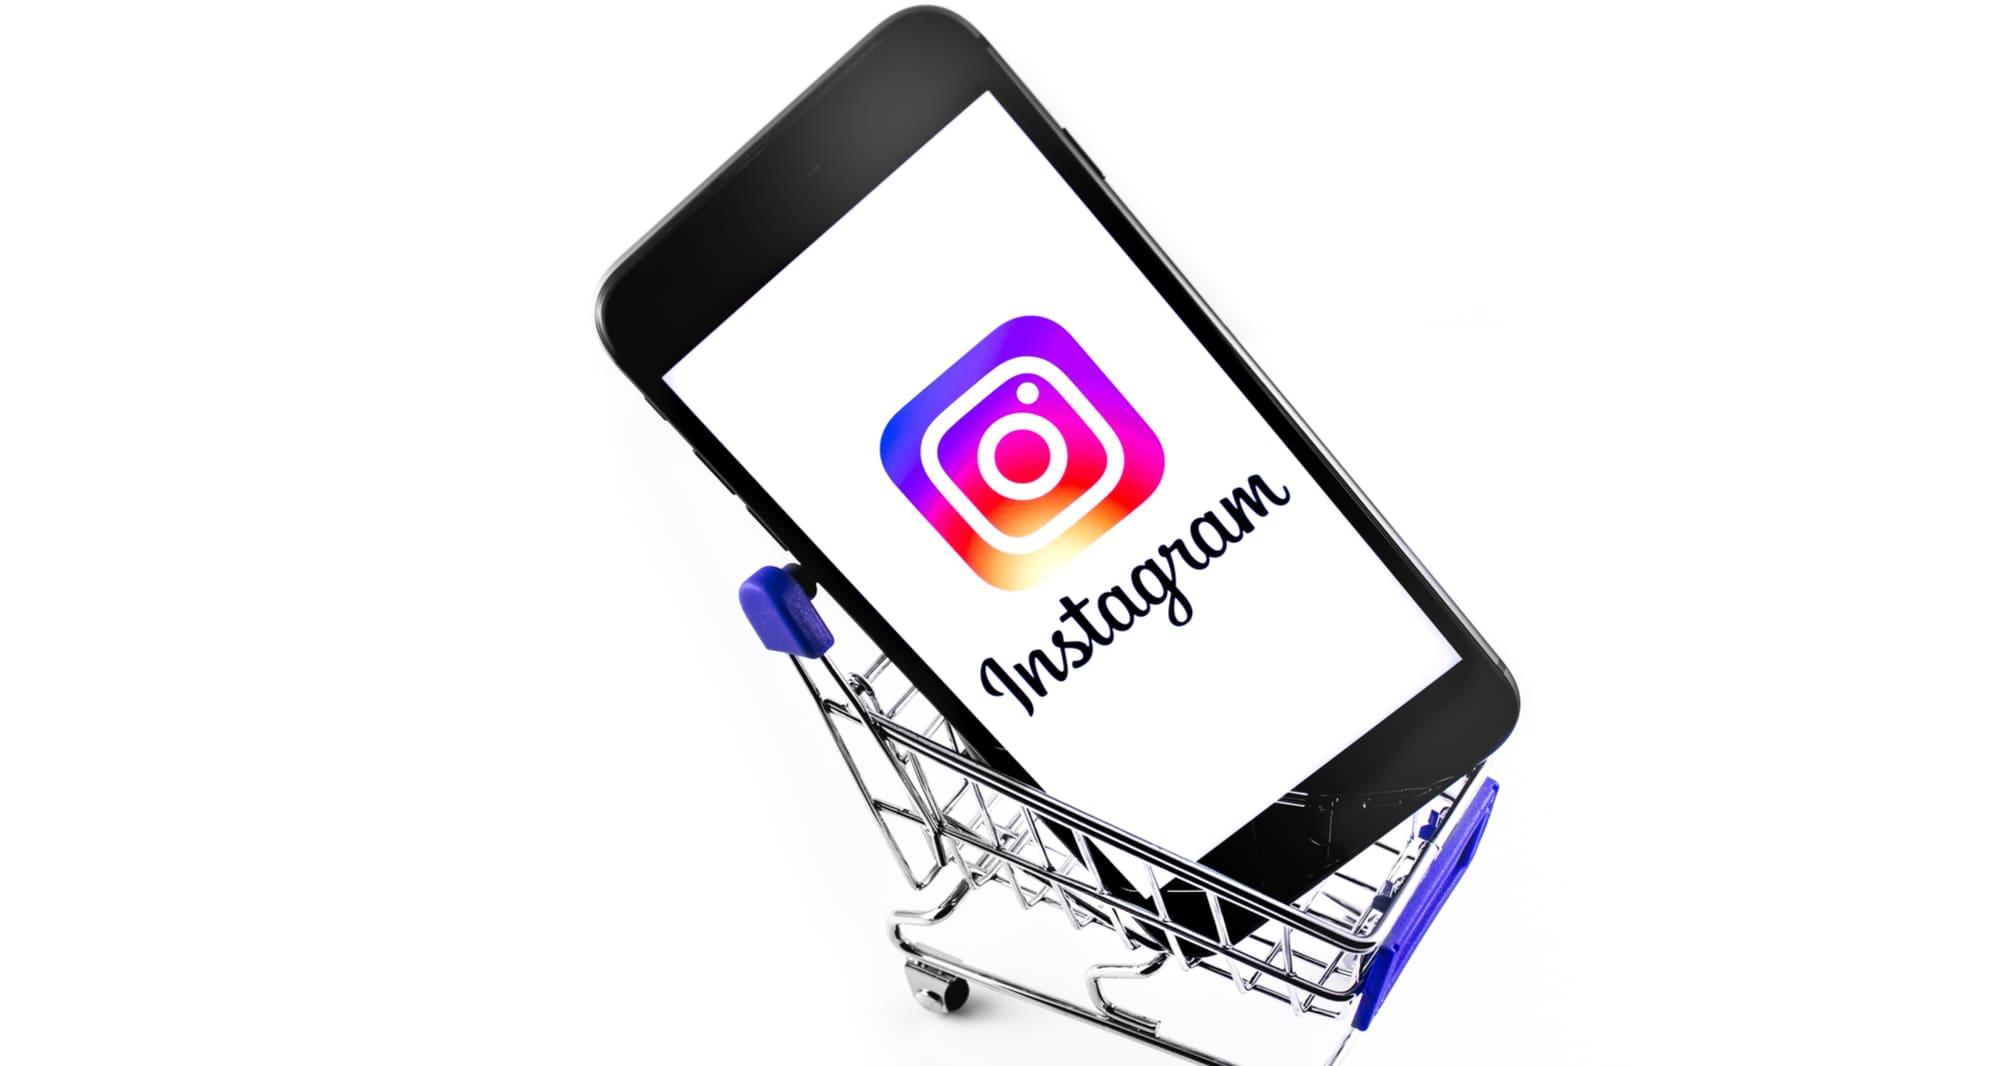 Instagram Réunion : la nouvelle fonctionnalité d'achat intégré bientôt disponible ?